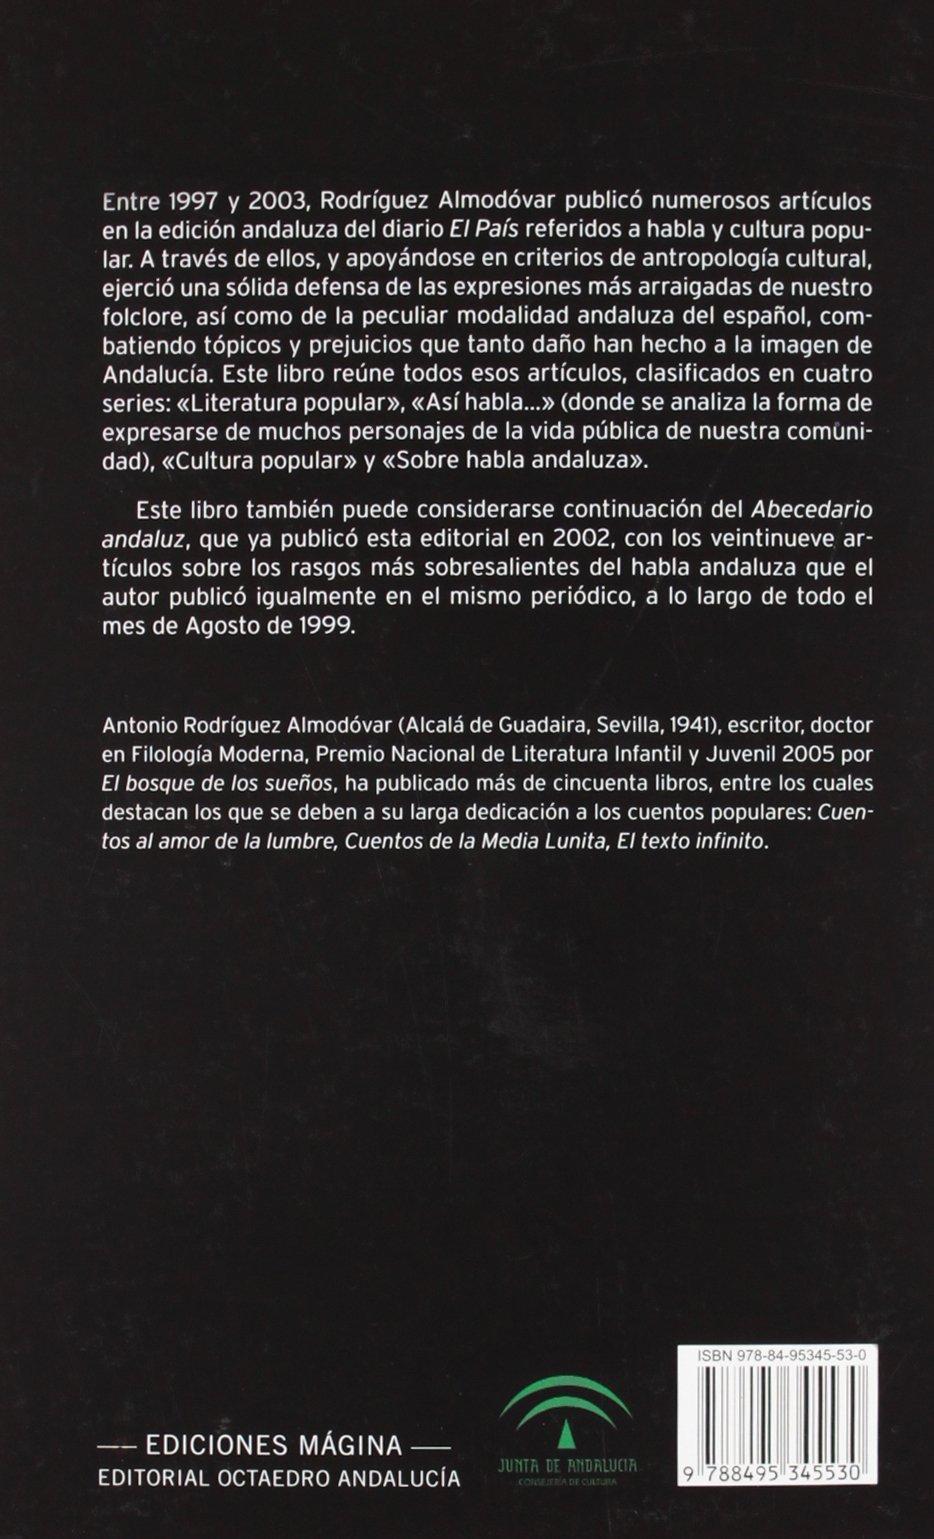 Del balcón de tus ojos: Literatura, habla y cultura popular de Andalucía: Amazon.es: Antonio Rodríguez Almodóvar: Libros